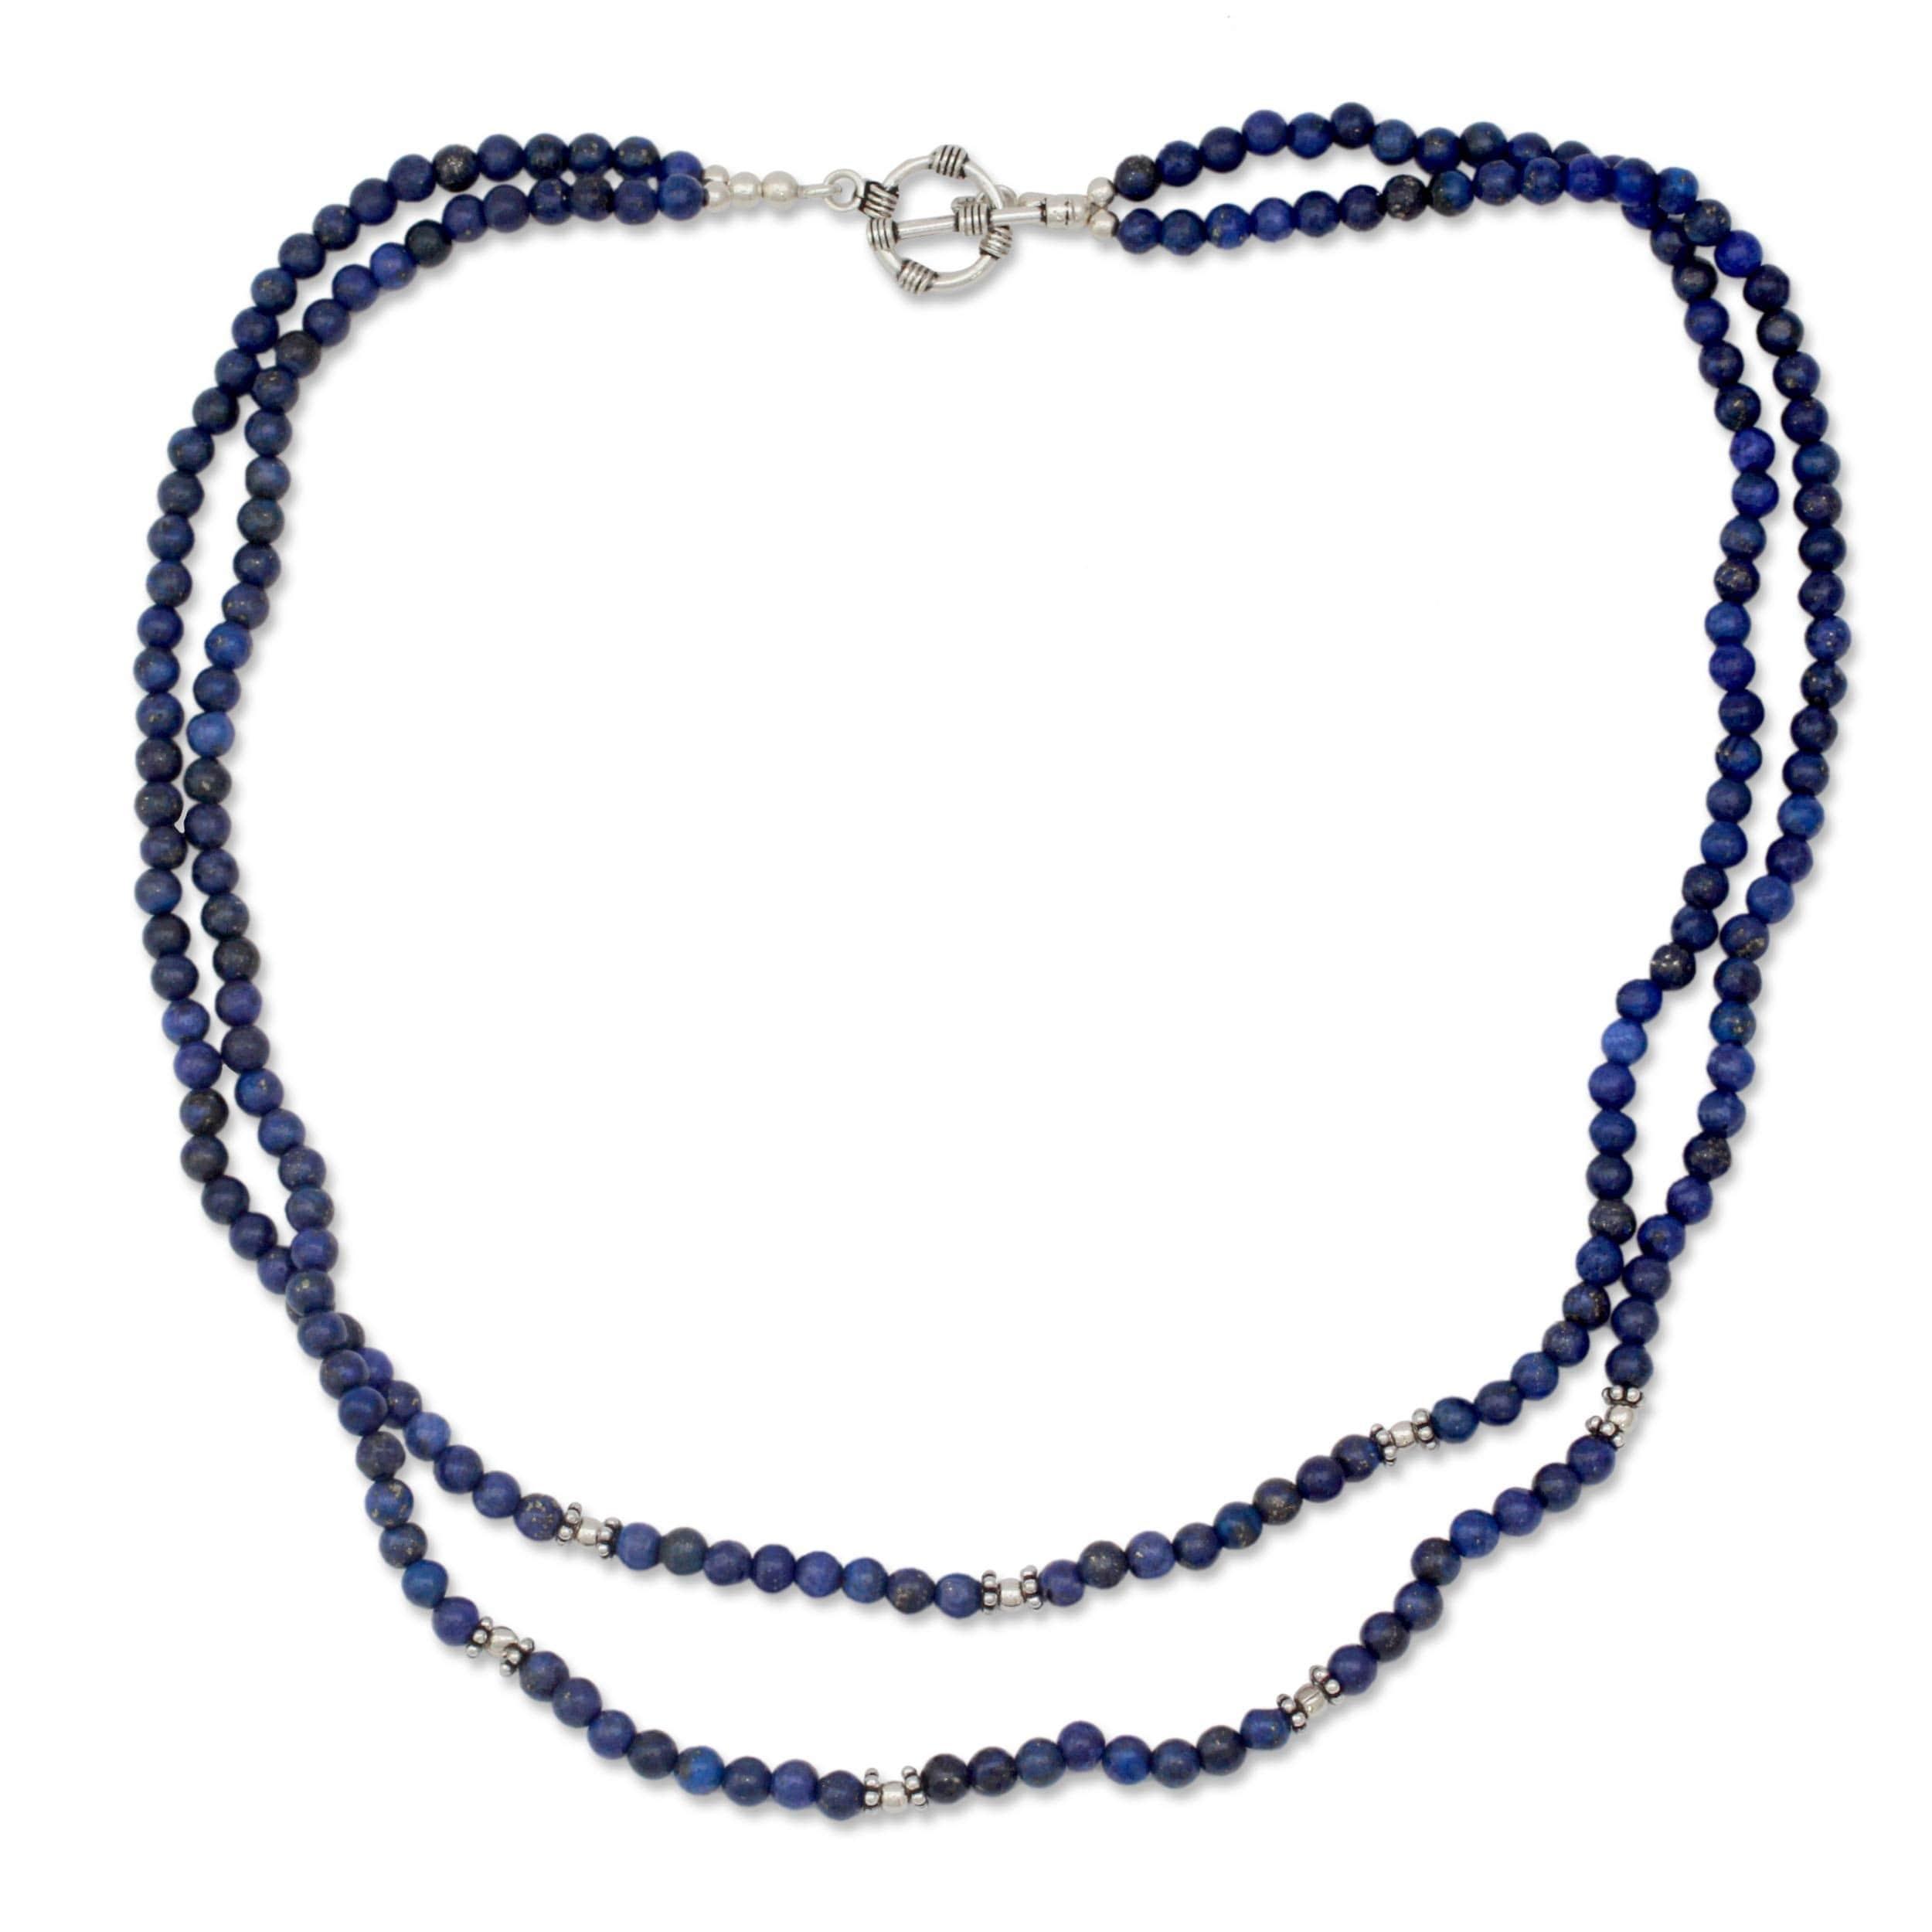 Agra Azure Double Strand Polished Blue Lapis Lazuli Gemstone Beads ...